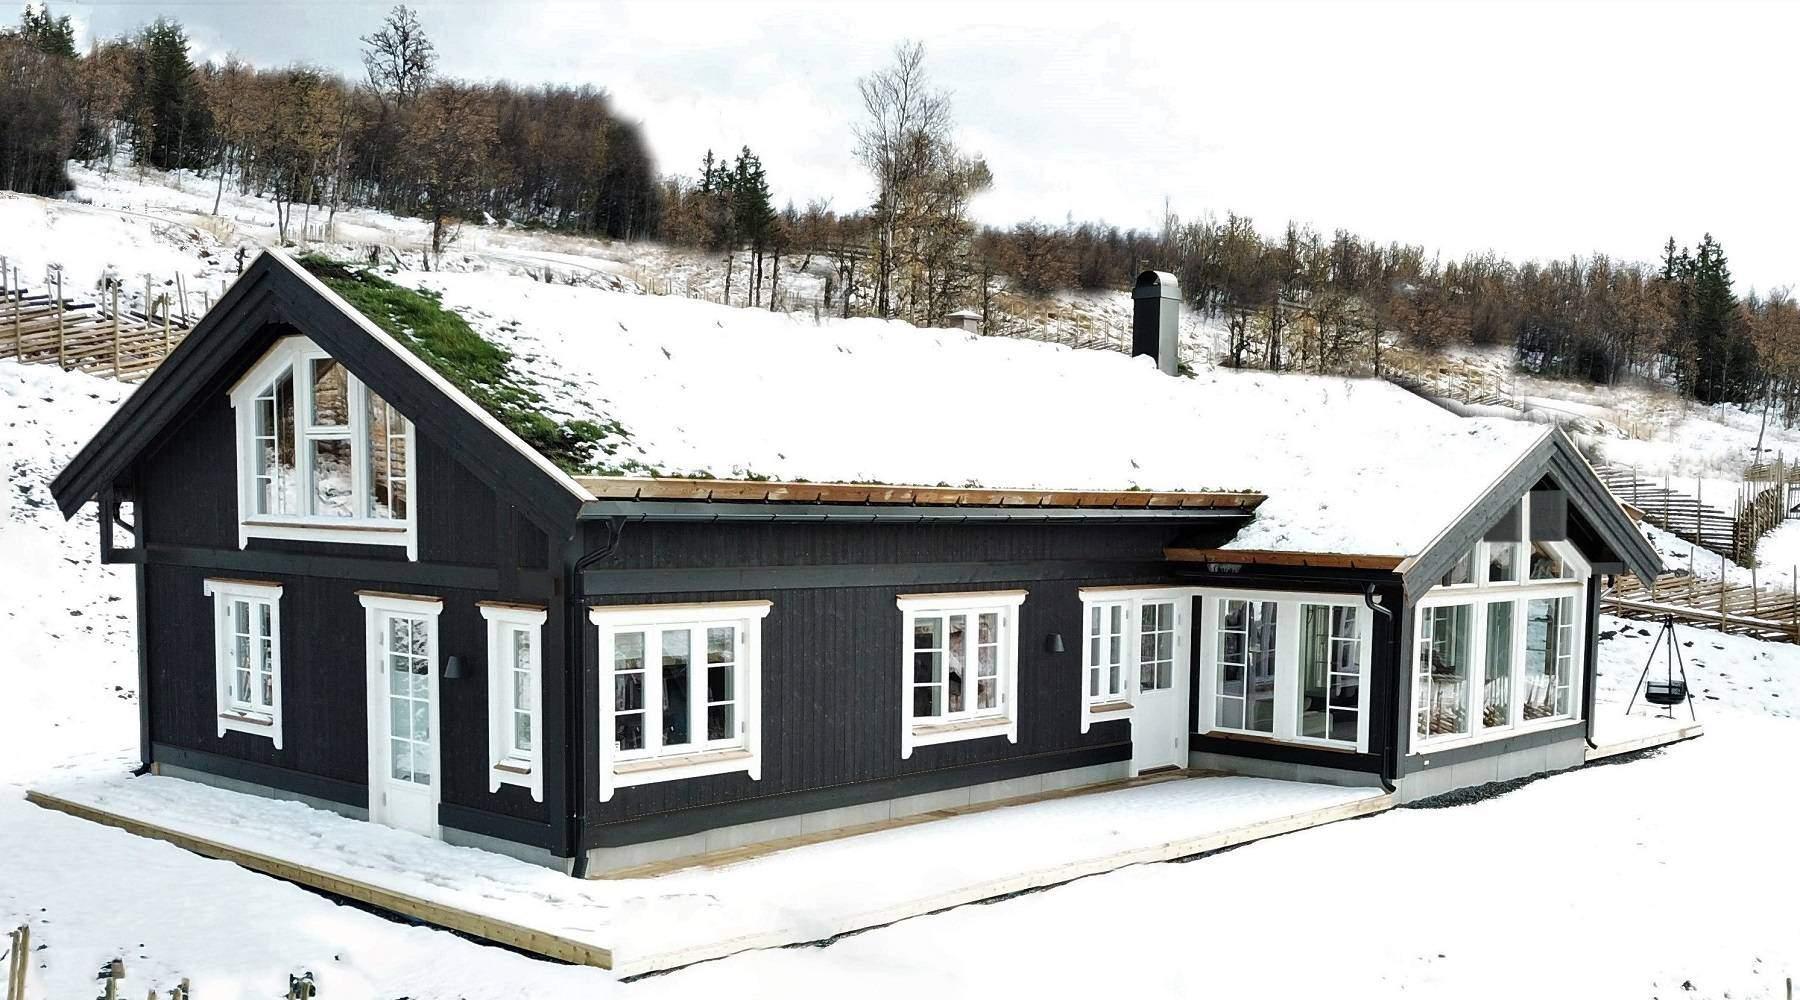 27 Hyttemodell Stryn 122 – Stor hems på over ene langsiden med store vindusflater – Hytteleverandør Tiurtoppen Hytter